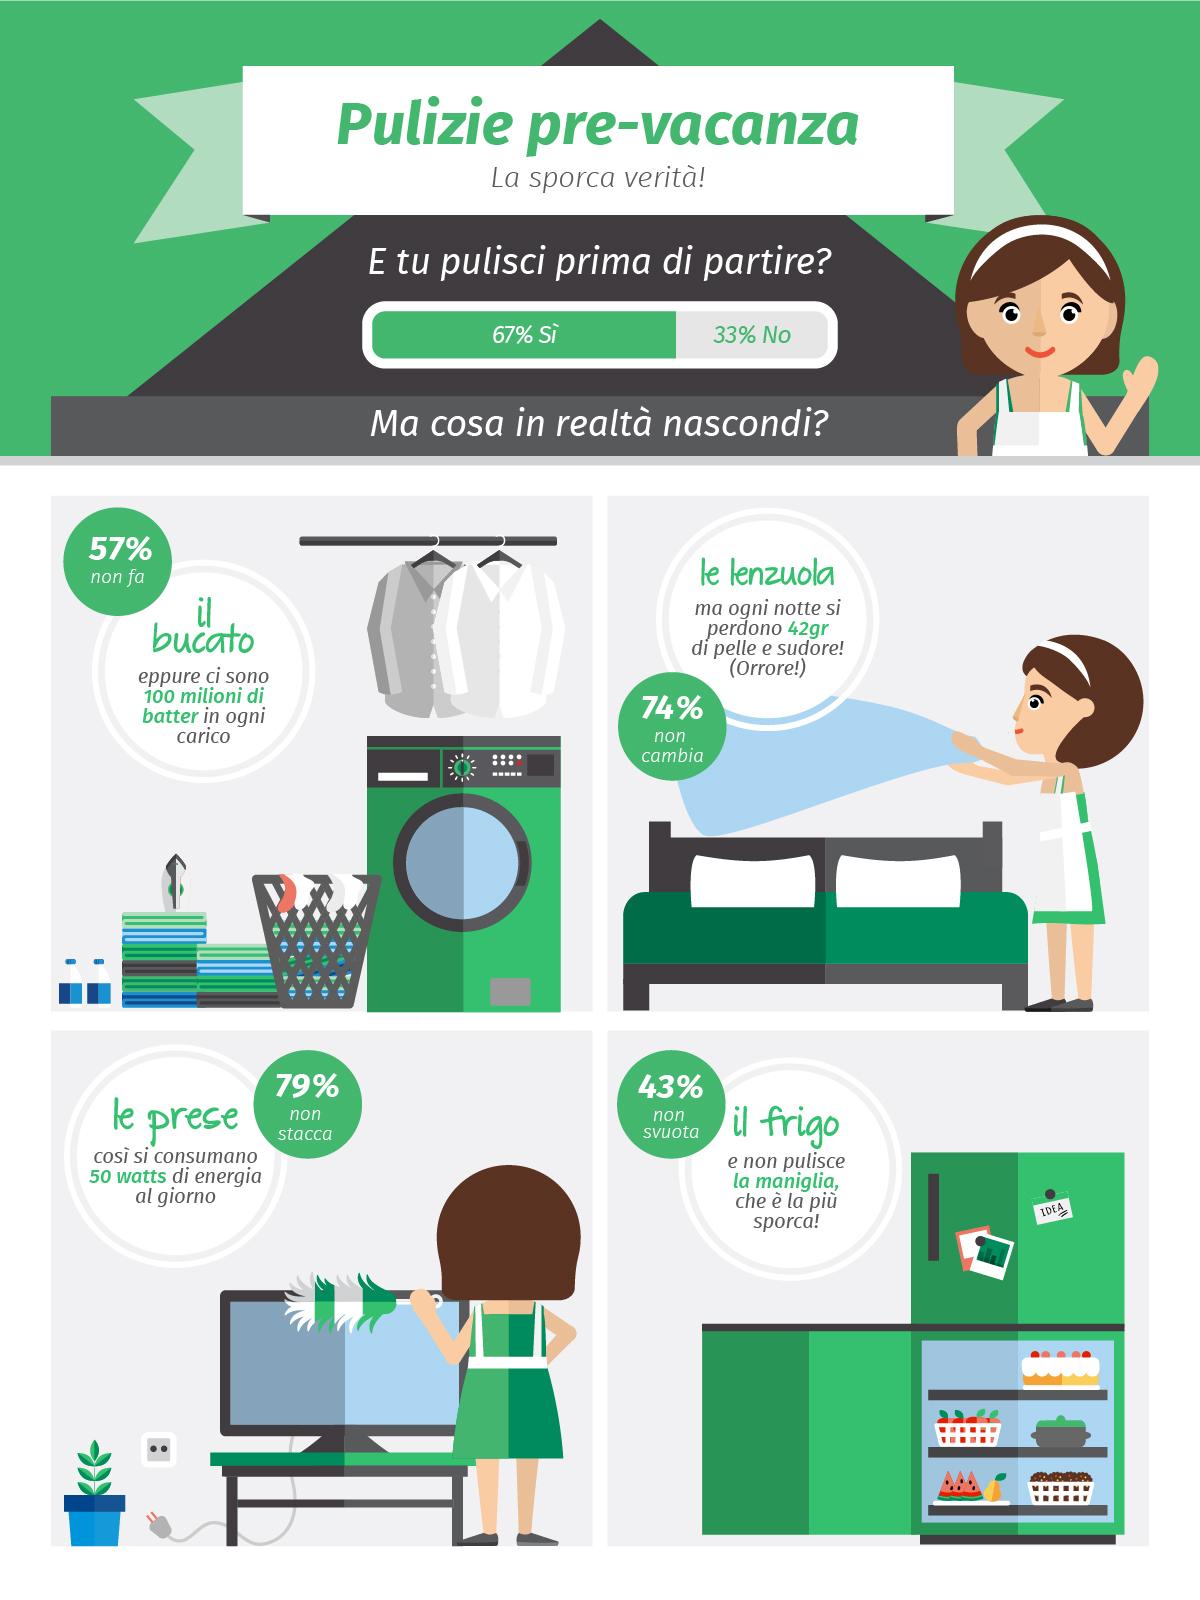 Come pulire la casa prima di andare in vacanza - Donna - Bambinopoli